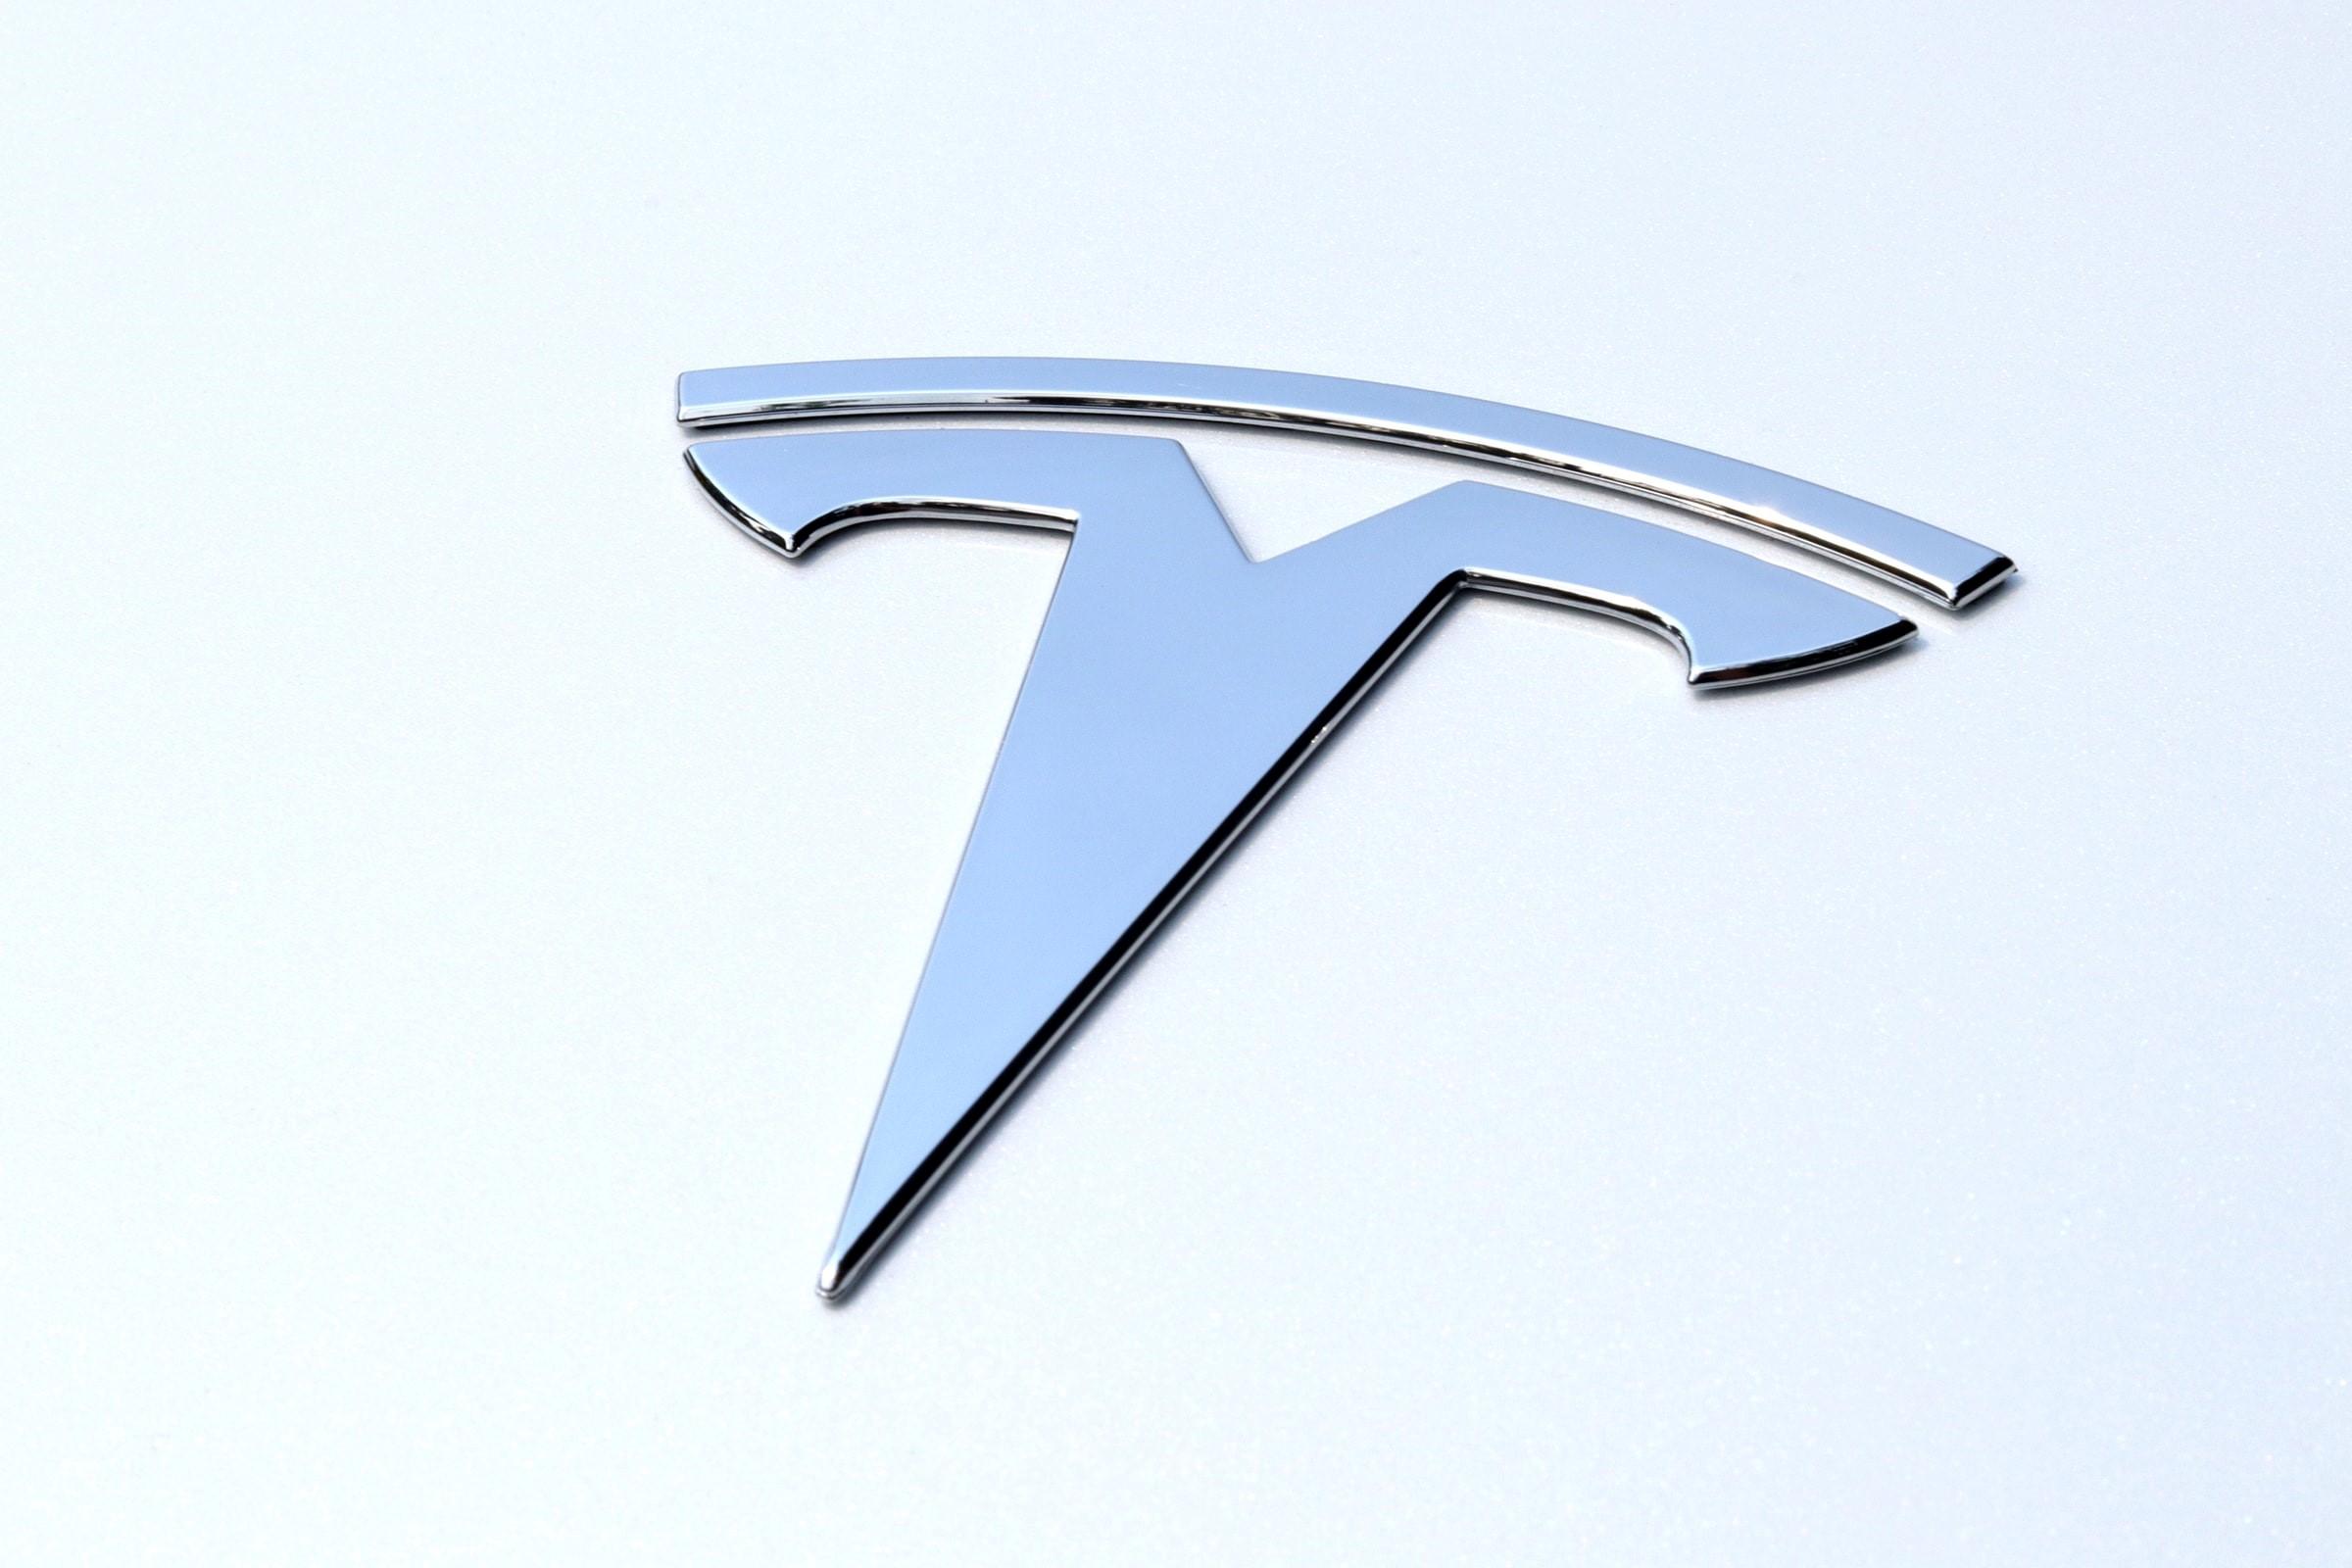 Tillväxtaktier som Tesla och NIO kommer att avslöja produktions- och leveranssiffror för andra kvartalet den första veckan i juli. De flesta uppskattningar av Tesla faller i intervallet